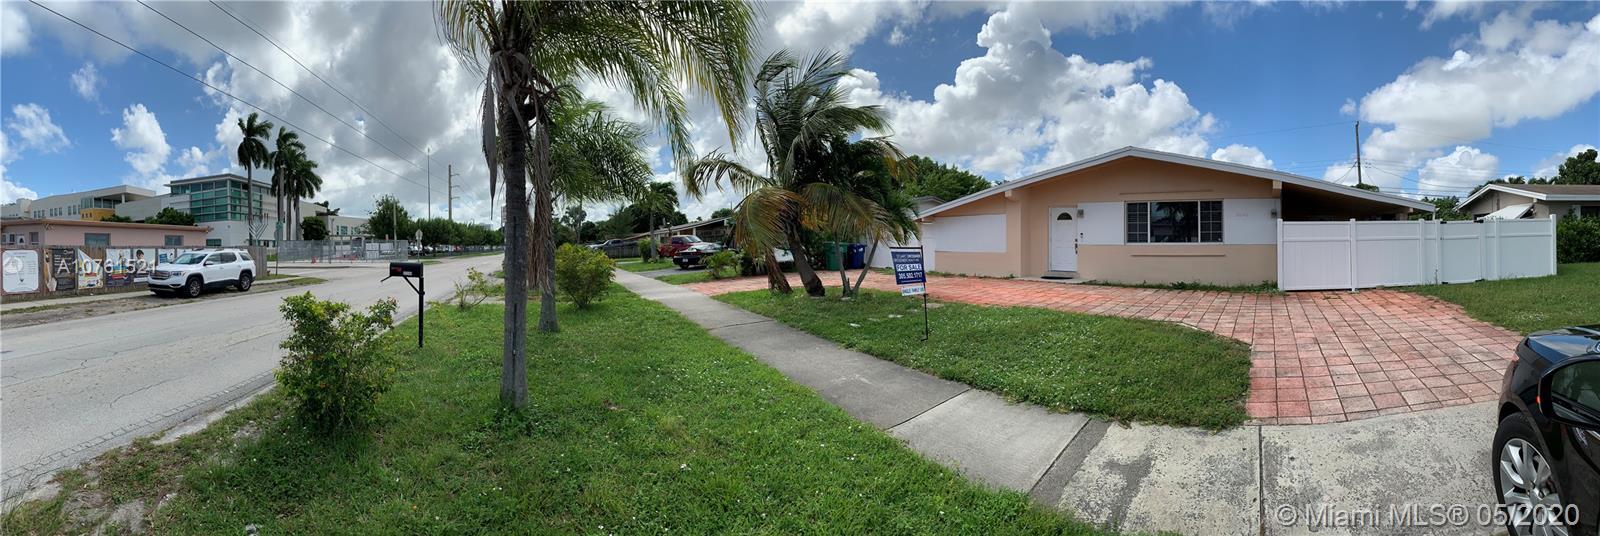 21140 NE 26th Ave  For Sale A10761521, FL